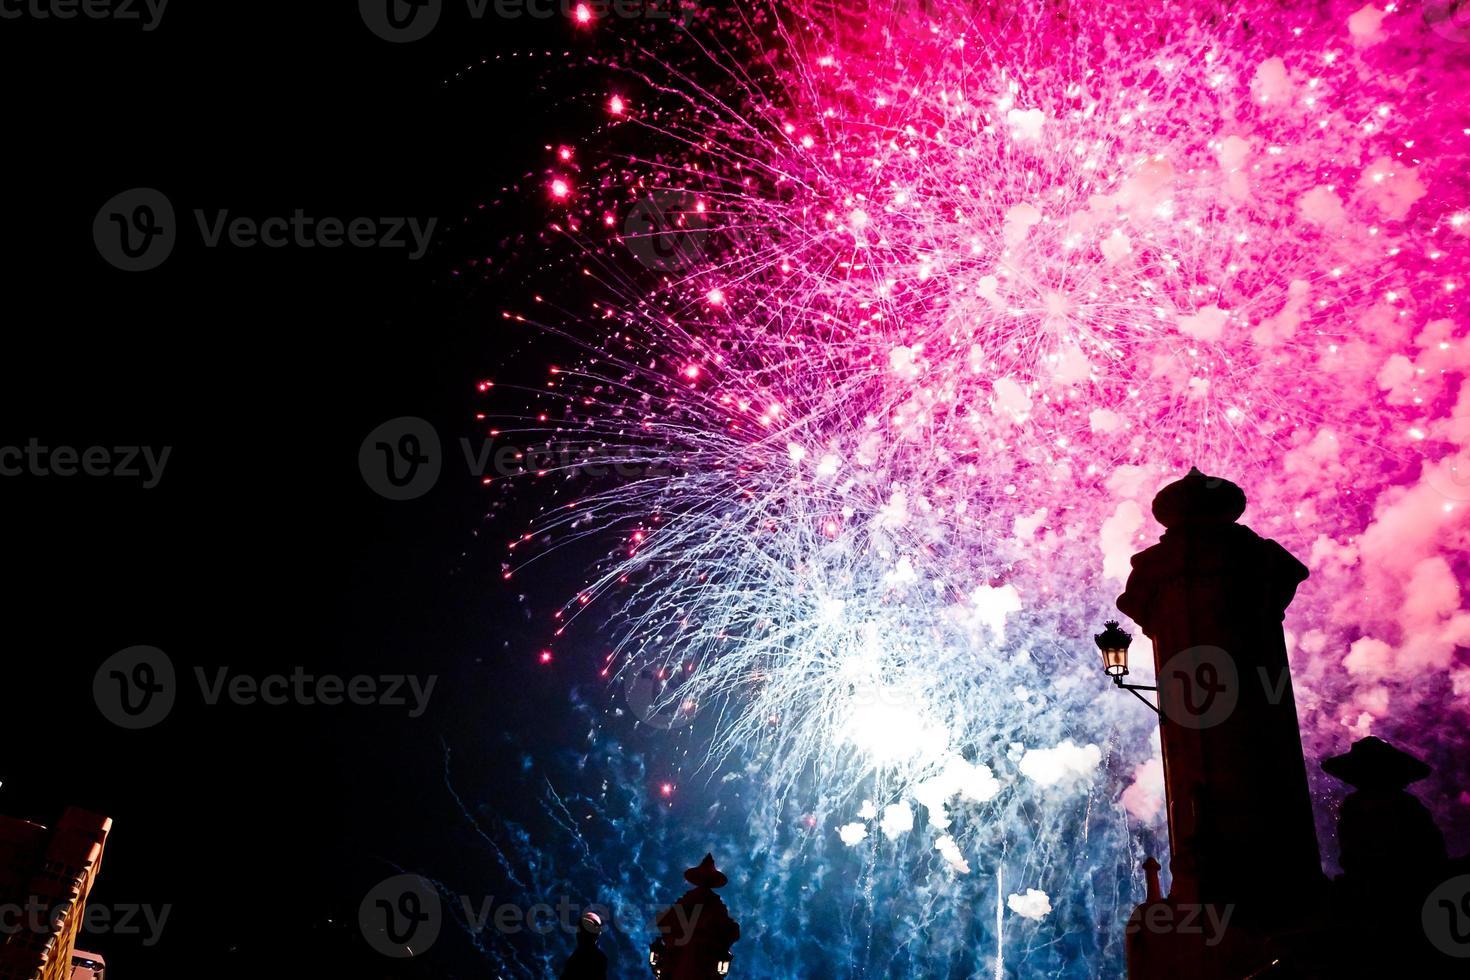 fuochi d'artificio castello vii foto